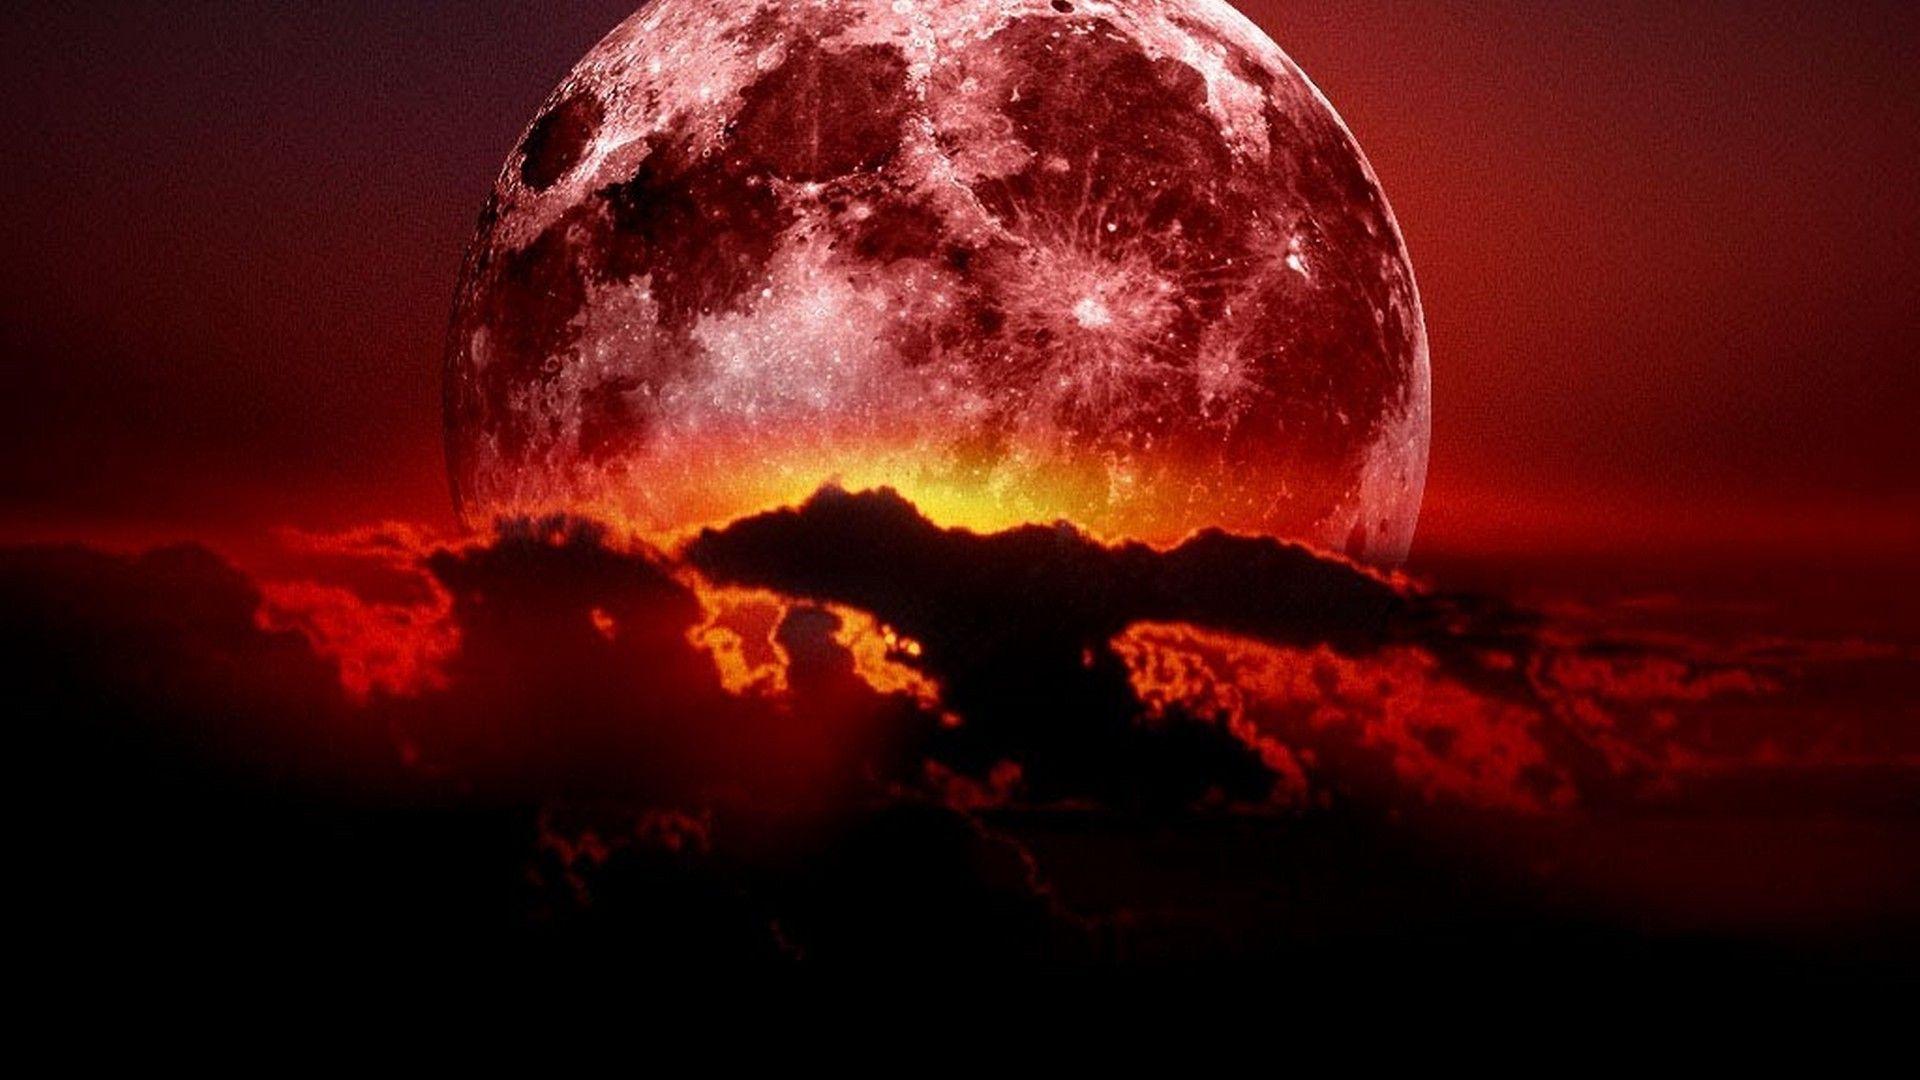 Wallpaper Lunar Eclipse